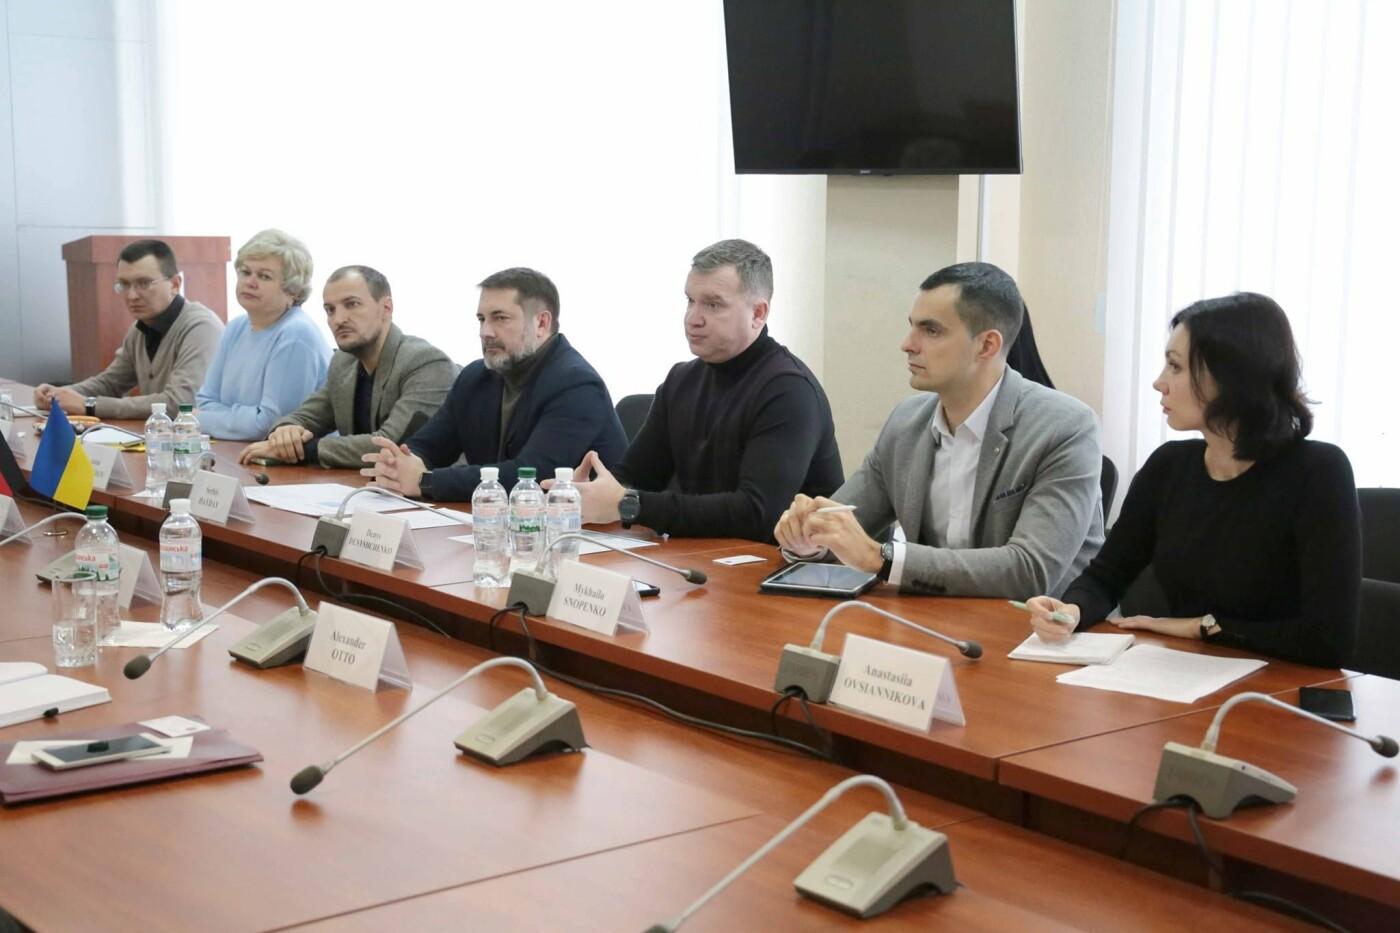 Глава Луганщины встретился с представителями Немецкого общества международного сотрудничества , фото-2